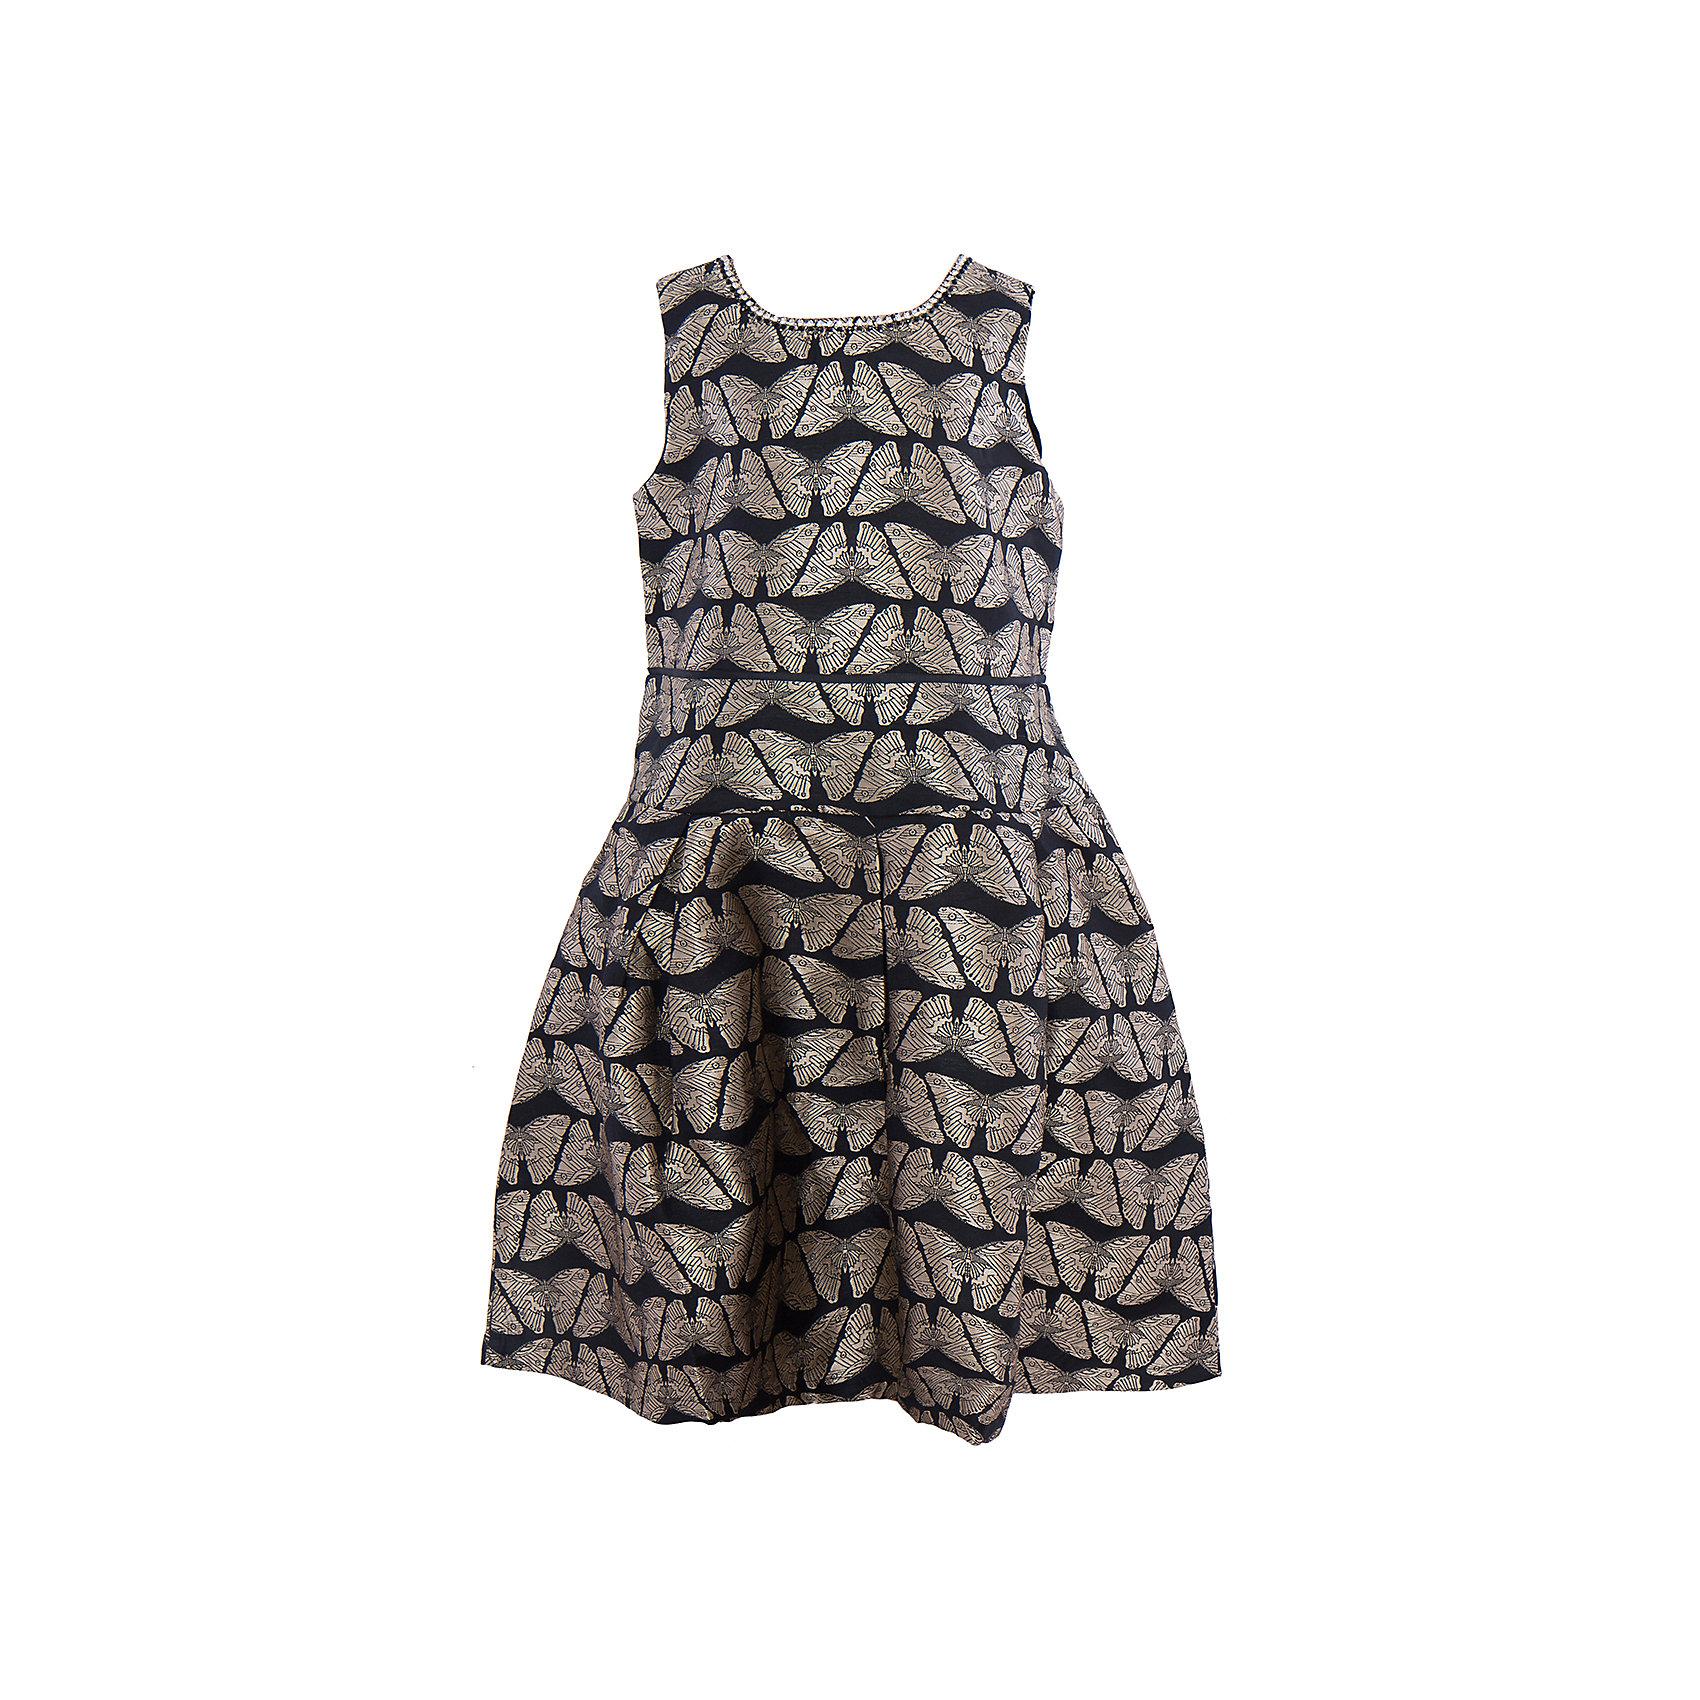 Нарядное платье для девочки LuminosoОдежда<br>Характеристики:<br><br>• Вид одежды: платье<br>• Предназначение: для праздника, для торжеств<br>• Сезон: круглый год<br>• Материал: верх – 70% полиэстер, 30% хлопок; подкладка – 100% хлопок<br>• Цвет: черный, золотой<br>• Силуэт: А стиль<br>• Длина платья: миди<br>• Вырез горловины: круглый, декорированный стразами<br>• Застежка: молния на спинке<br>• Особенности ухода: ручная стирка без применения отбеливающих средств, глажение при низкой температуре <br><br>Luminoso – это коллекция от известного производителя Sweet Berry, который сочетает в своей одежде функциональность, качество, стиль и следование современным мировым тенденциям в текстильной индустрии для подростков. <br>Стильное праздничное платье для девочки от знаменитого производителя детской одежды Luminoso выполнено из сочетания полиэстера с подкладкой из натурального хлопка. Платье классического А силуэта, отрезное по талии, юбка чуть присборена. У изделия круглая горловина, декорированная стразами. Дизайн ткани, из которого выполнено платье, представляет собой жаккардовый рисунок в форме золотистых бабочек. На спинке имеется застежка-молния до талии. Одежда от Luminoso – это залог успеха вашего ребенка на любом празднике иди торжестве!<br><br>Платье для девочки Luminoso можно купить в нашем интернет-магазине.<br><br>Ширина мм: 236<br>Глубина мм: 16<br>Высота мм: 184<br>Вес г: 177<br>Цвет: черный<br>Возраст от месяцев: 144<br>Возраст до месяцев: 156<br>Пол: Женский<br>Возраст: Детский<br>Размер: 158,164,134,140,146,152<br>SKU: 5052000